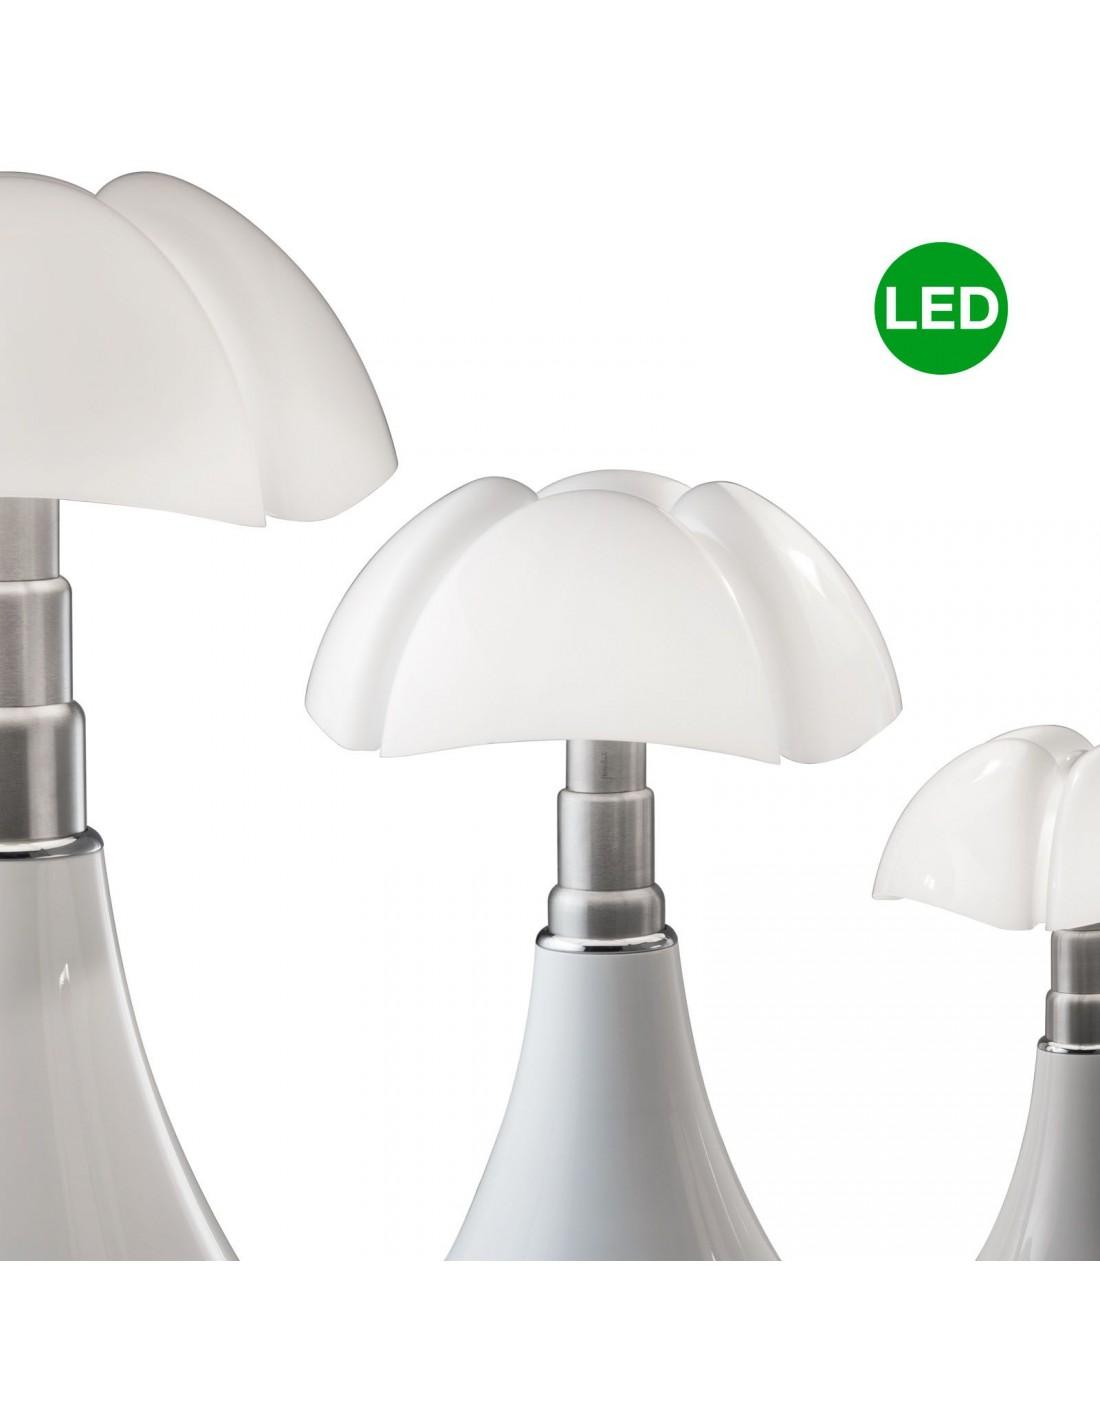 Lampe de table Pipistrello Medium LED blanche - Martinelli Luce Valente Design Gae Aulenti